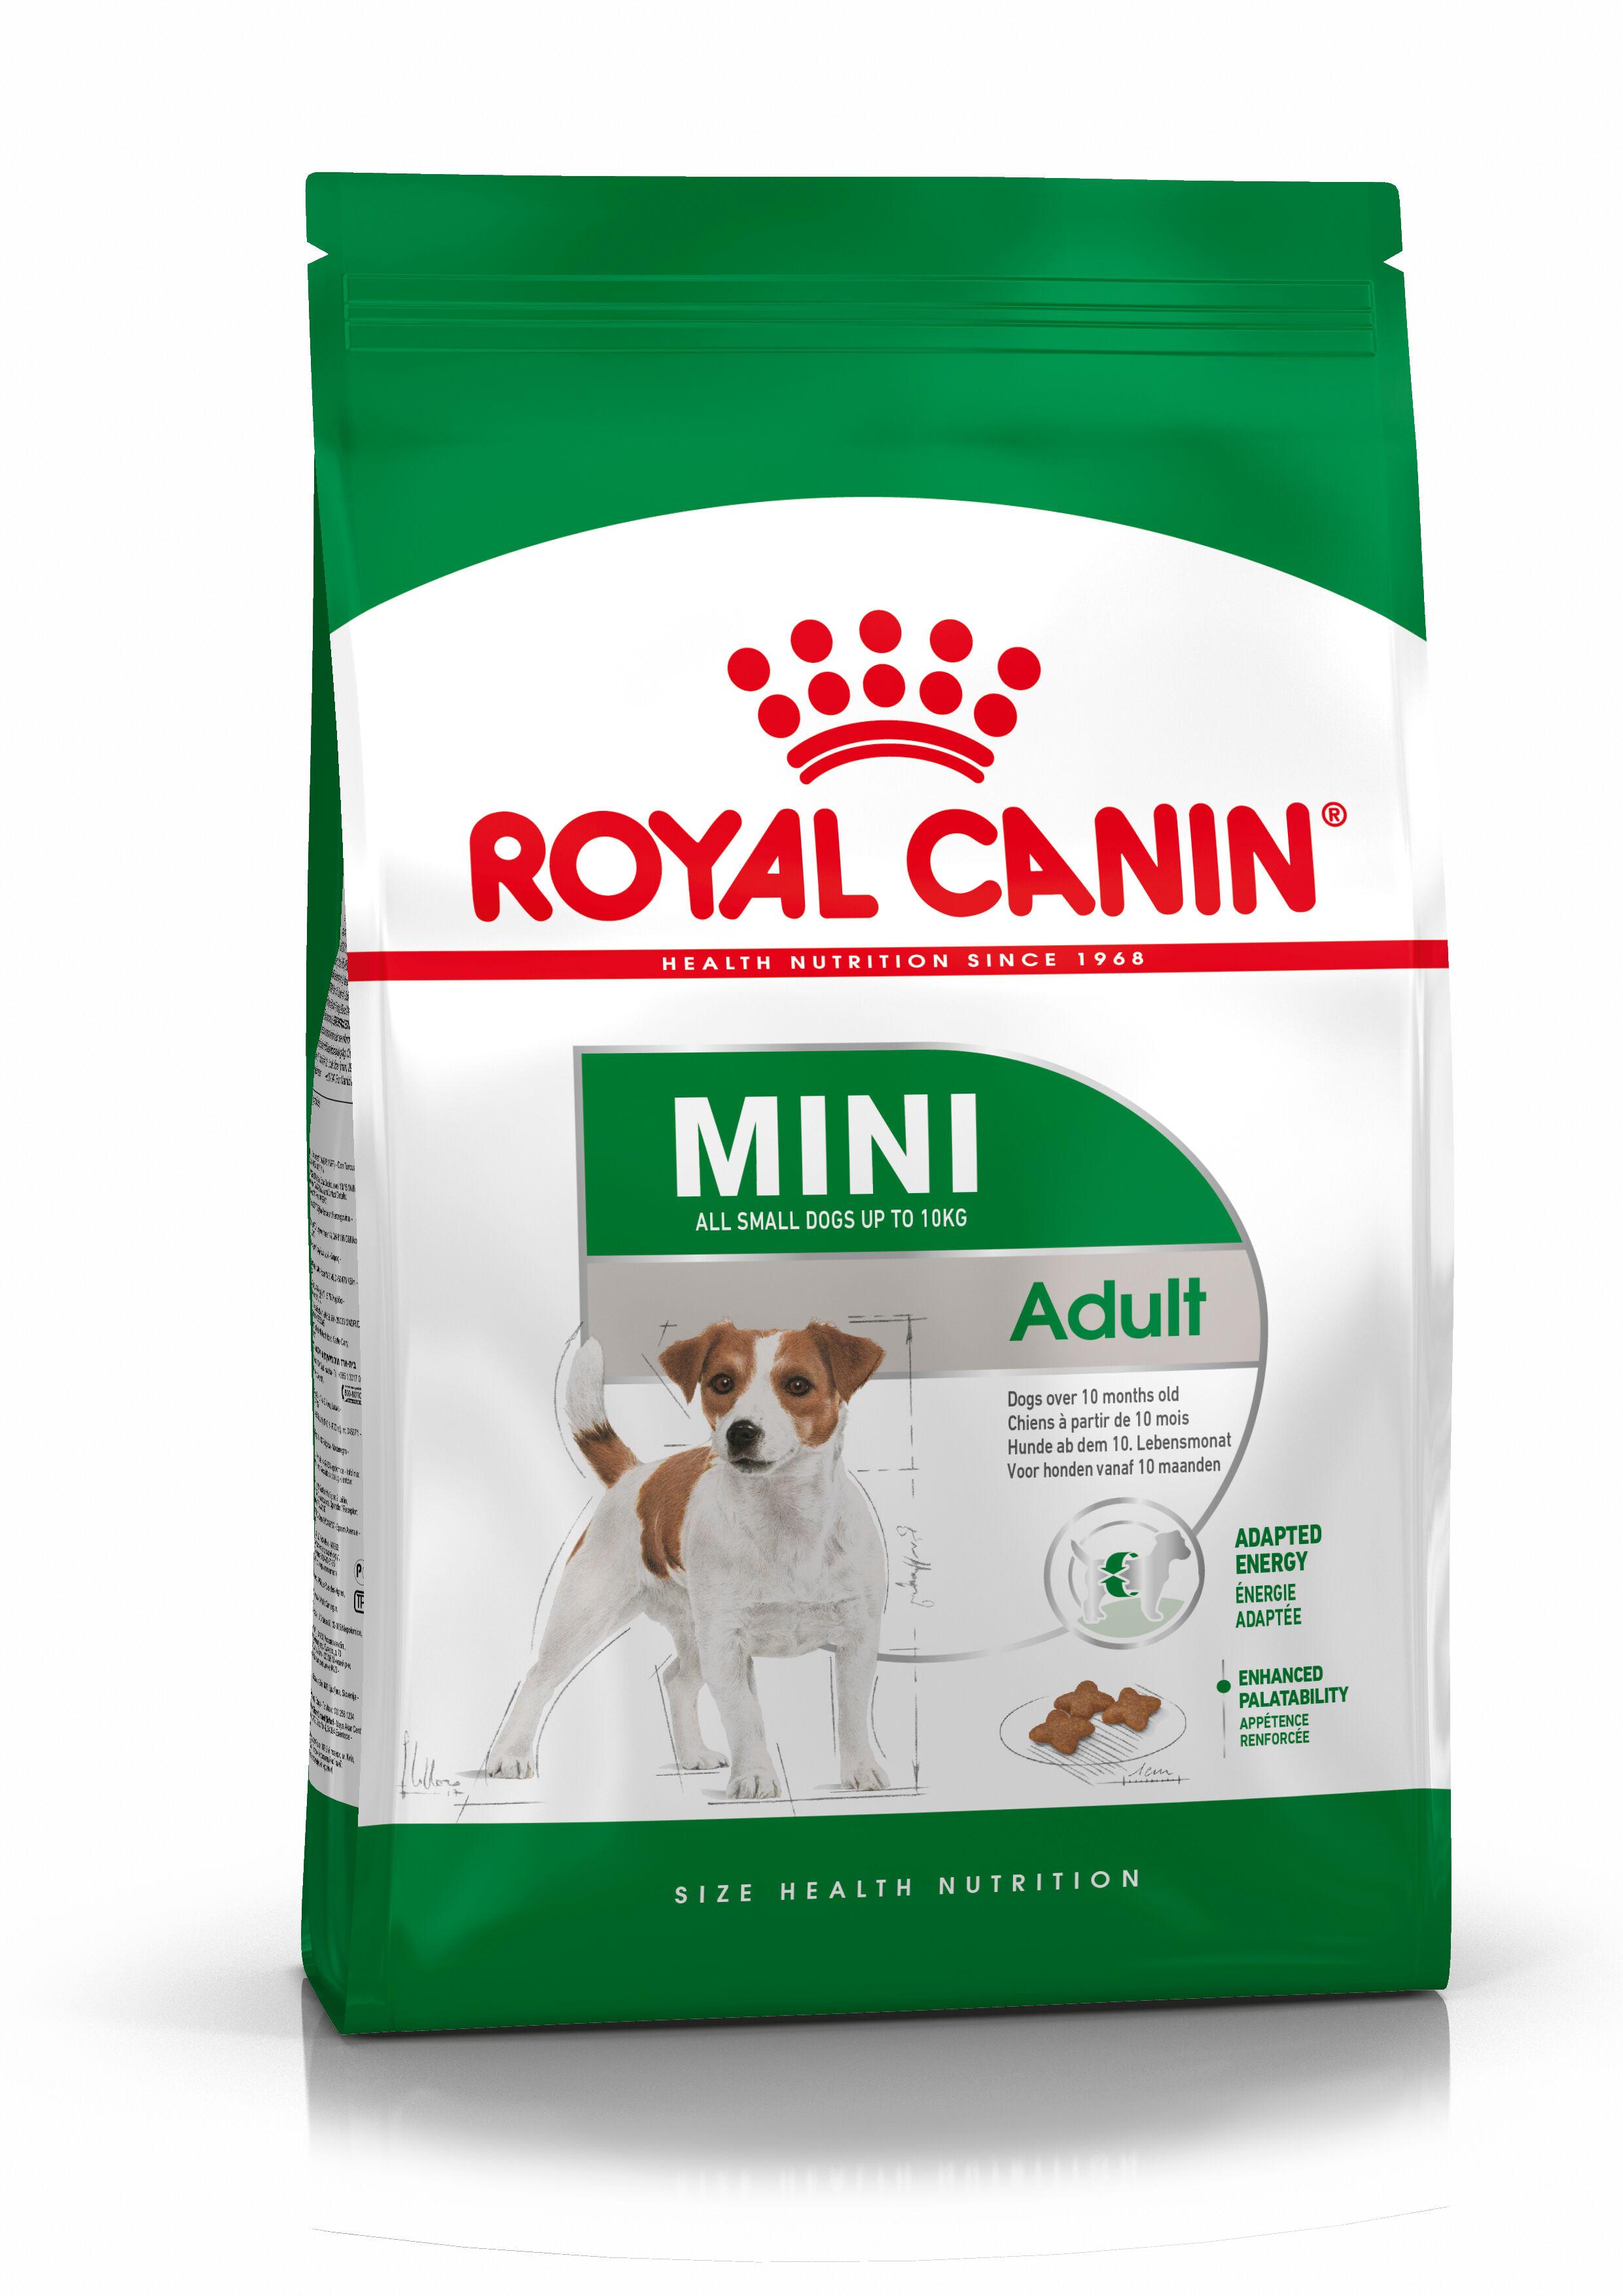 Royal Canin Mini Adult pour chien 2 kg